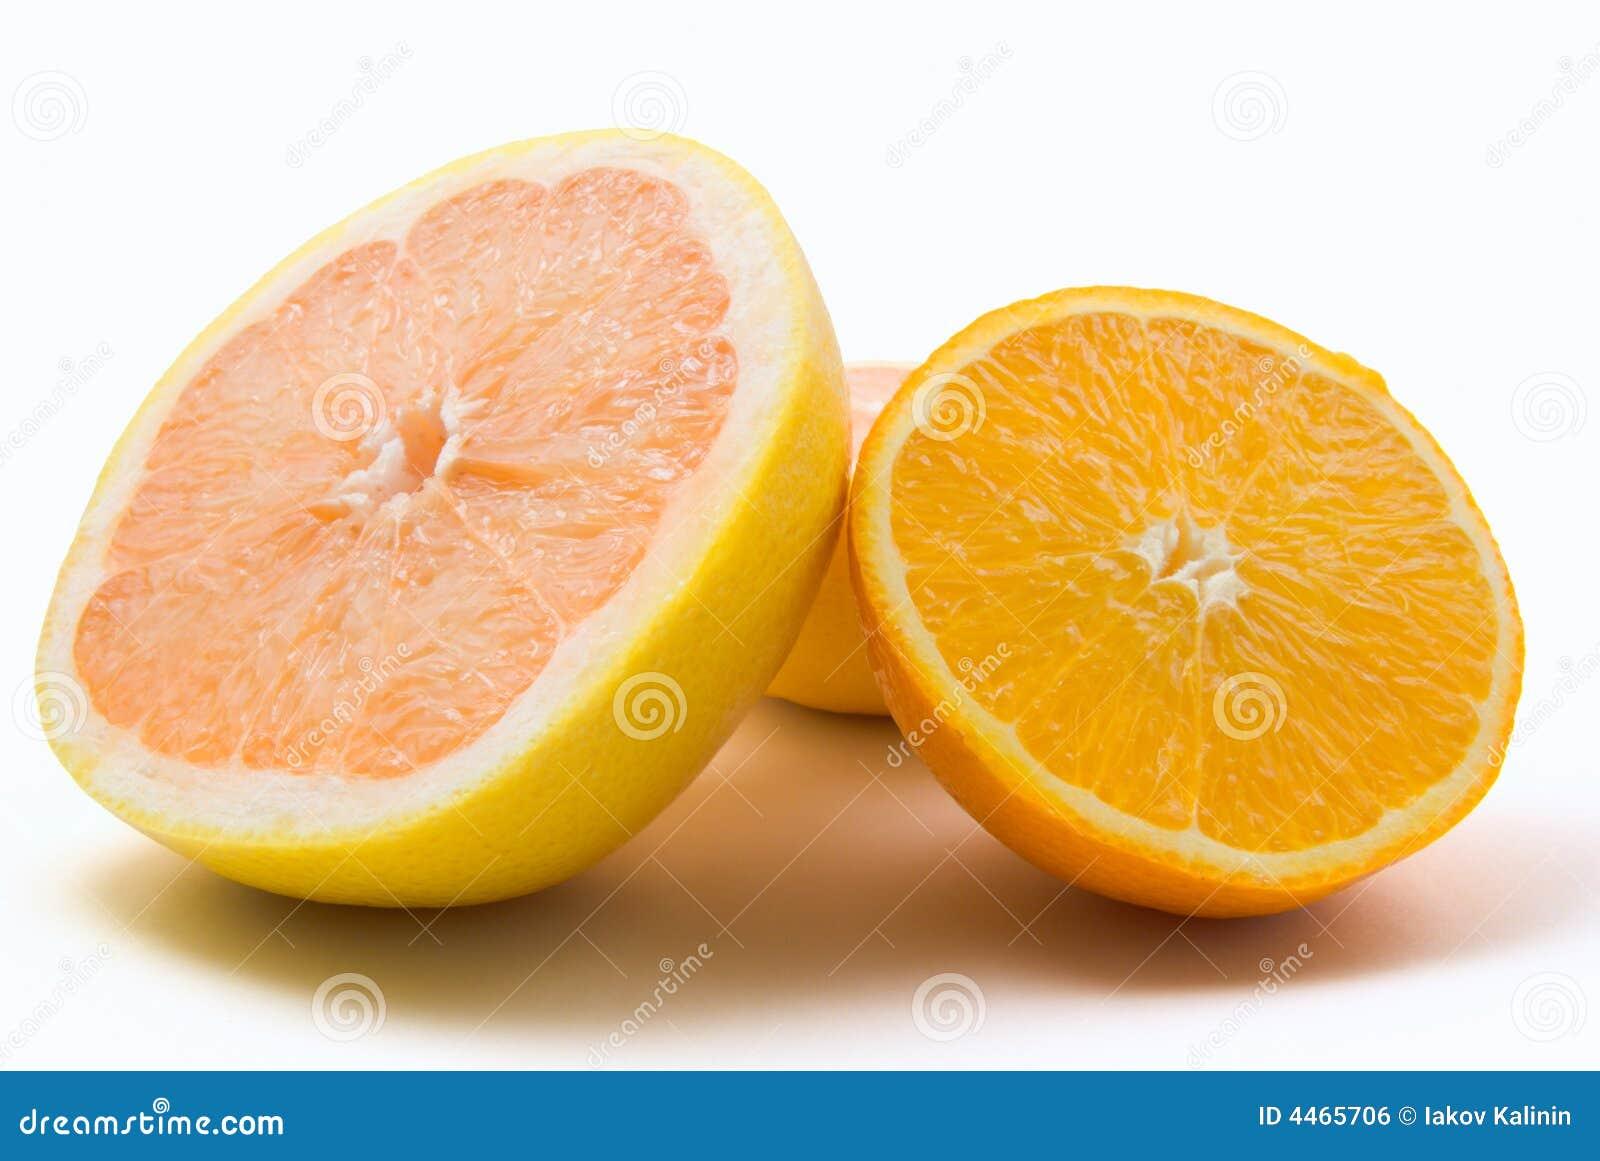 Pomelo y naranja